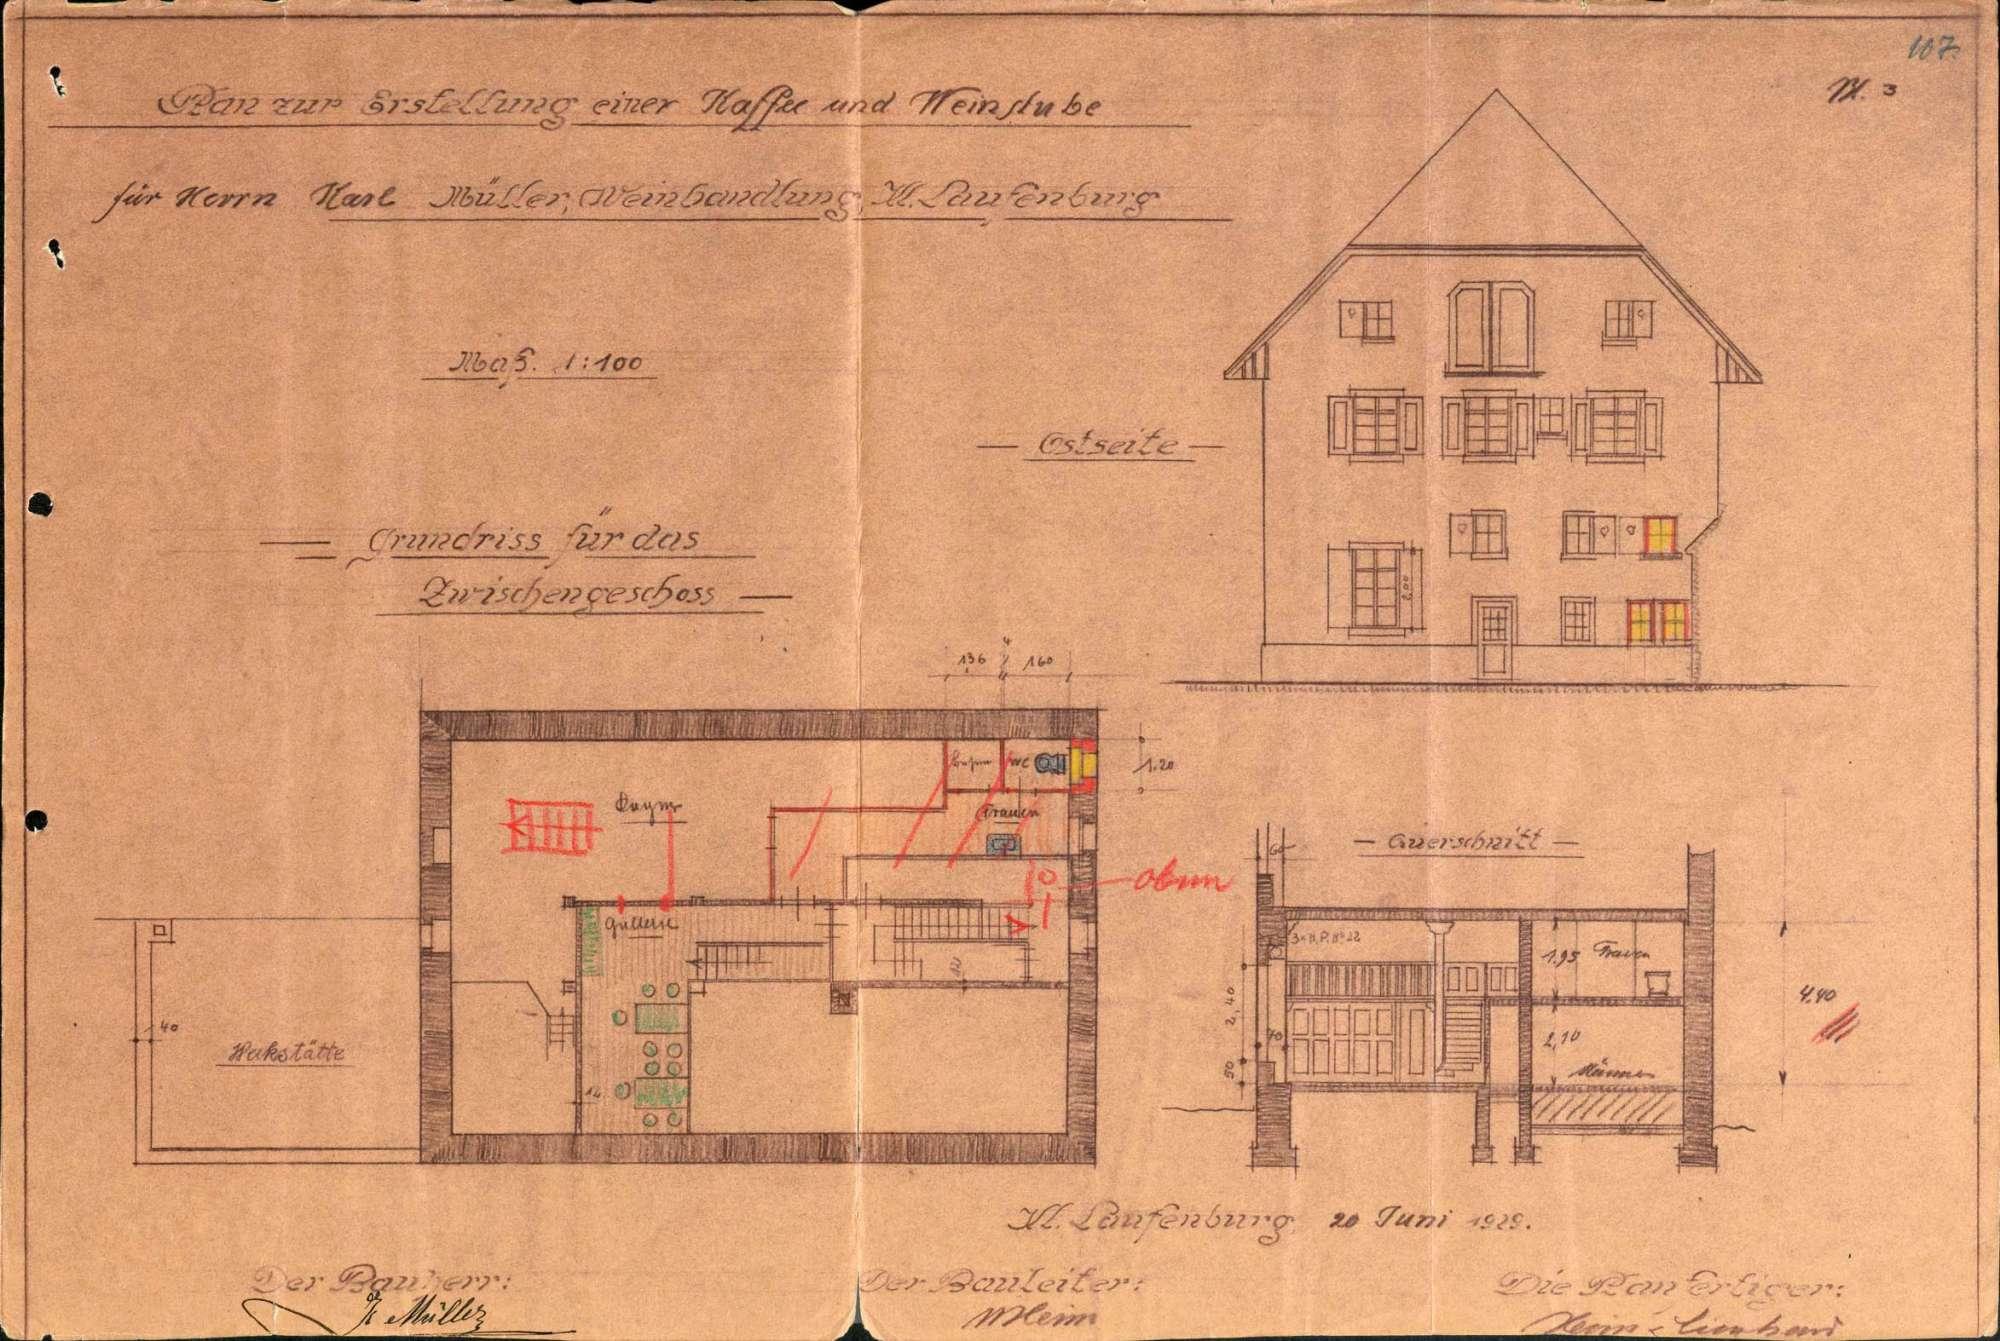 Konzessionierung und Betrieb der Kaffee- und Weinstube des Karl Müller, Weinhandlung in Kleinlaufenburg bzw. Laufenburg (Baden), Bild 3